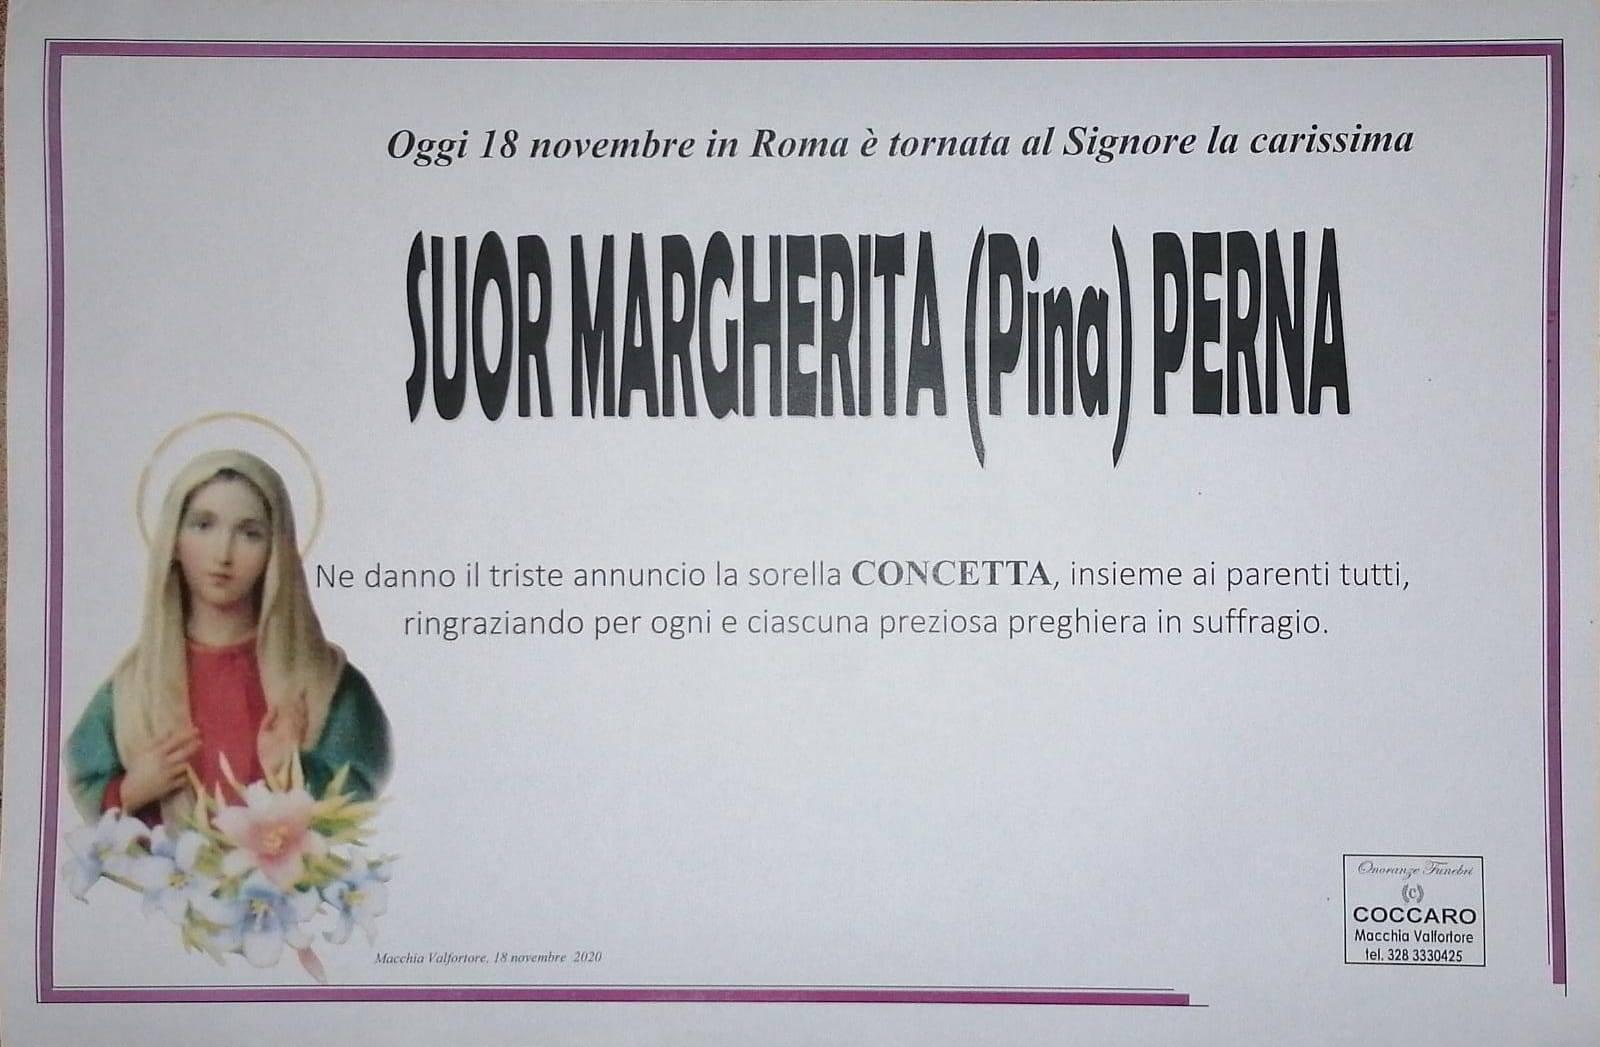 Suor Margherita Perna